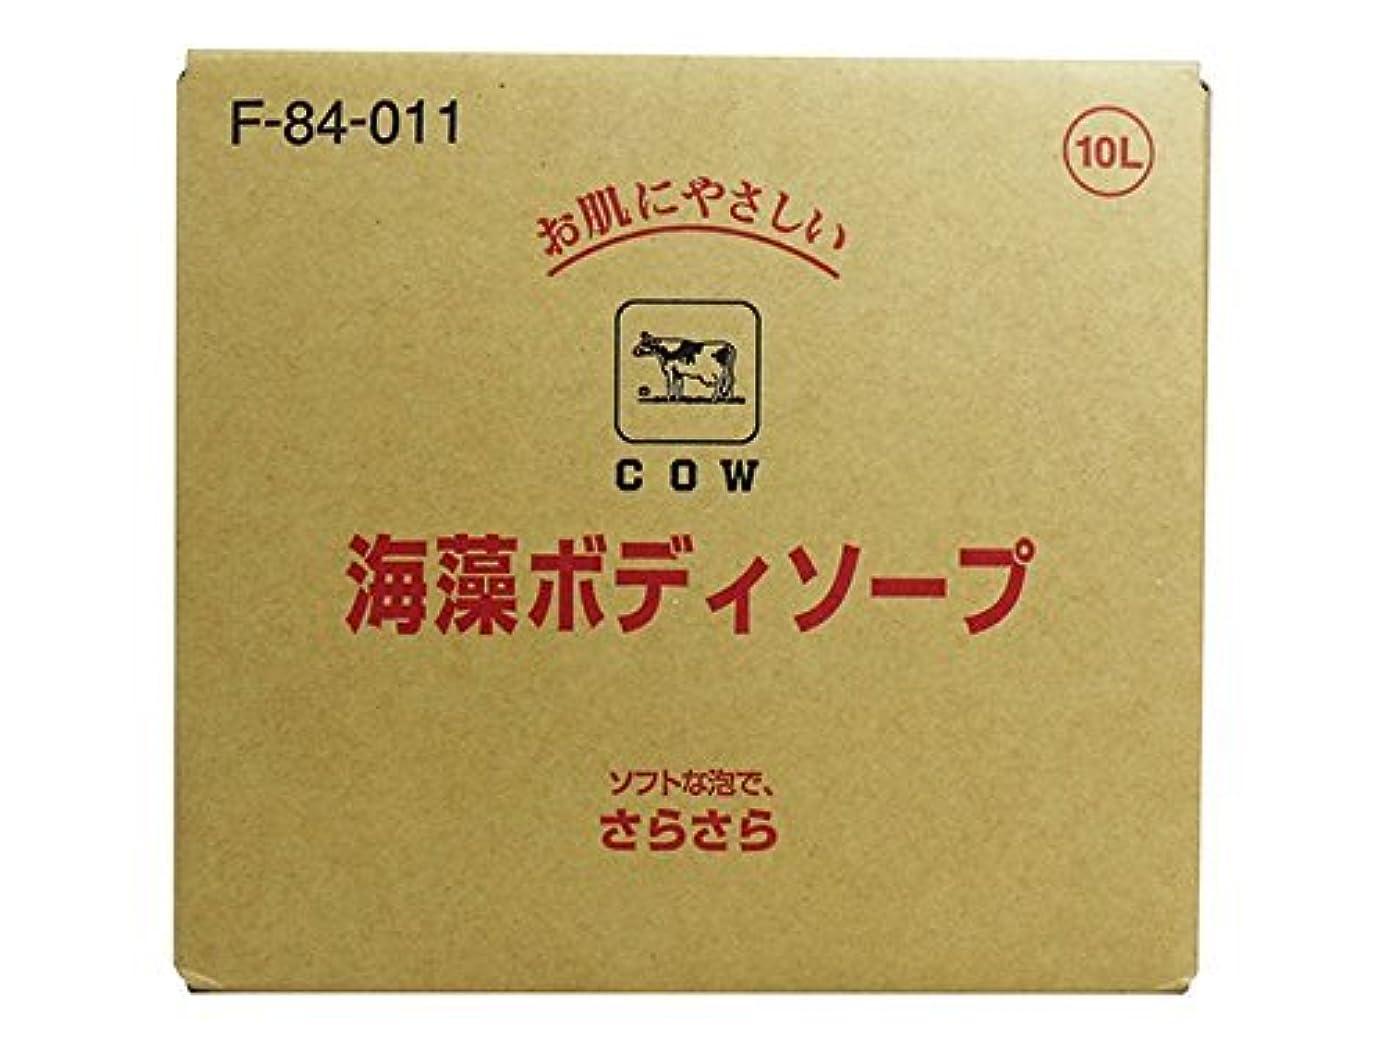 ストレッチウナギ潜在的な業務用ボディーソープ【牛乳ブランド 海藻ボディソープ 10L】